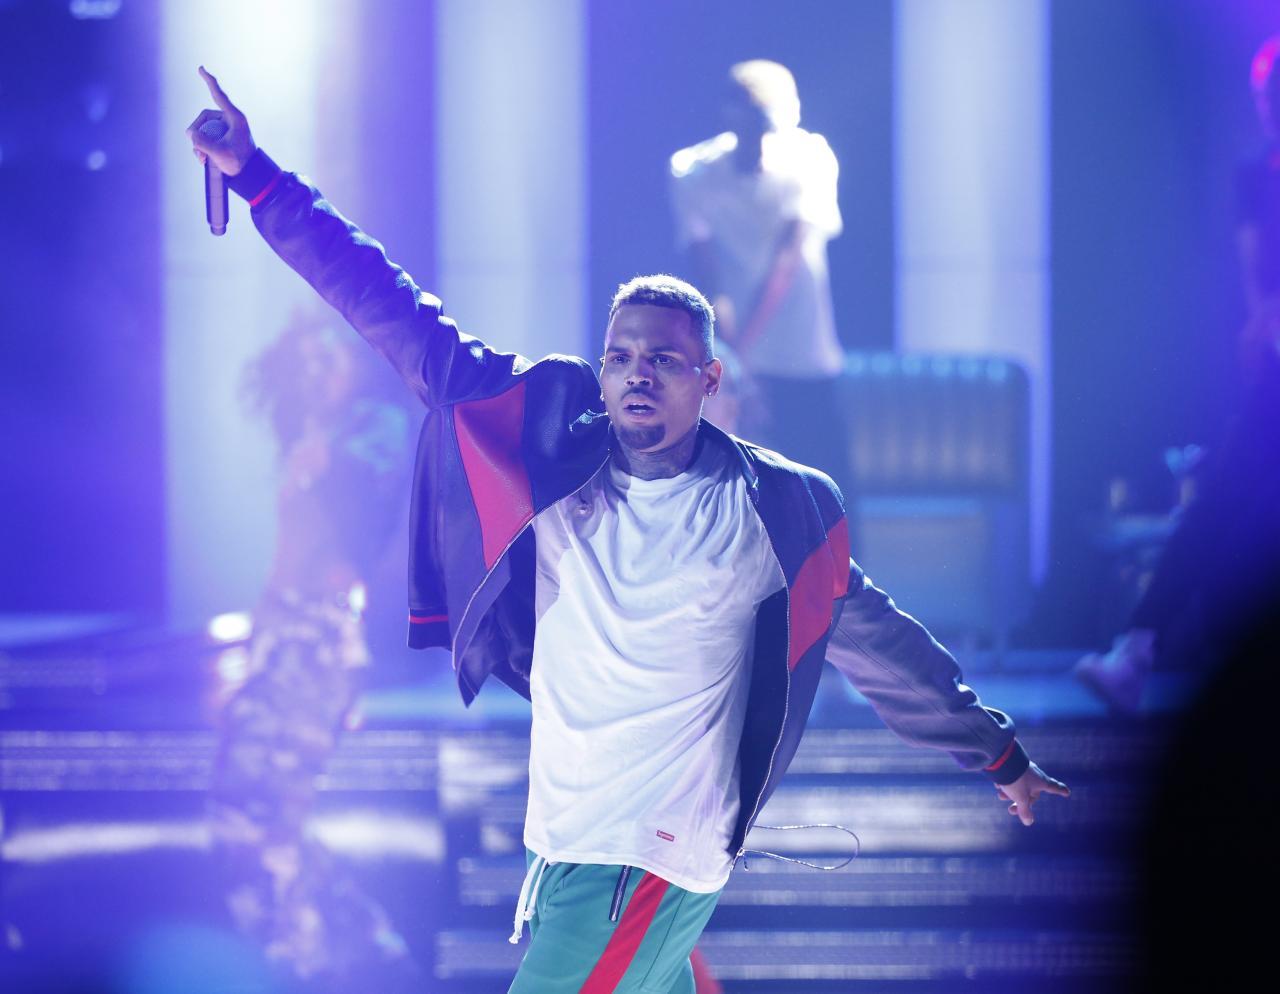 Singer Chris Brown arrested in France on suspicion of rape: police source